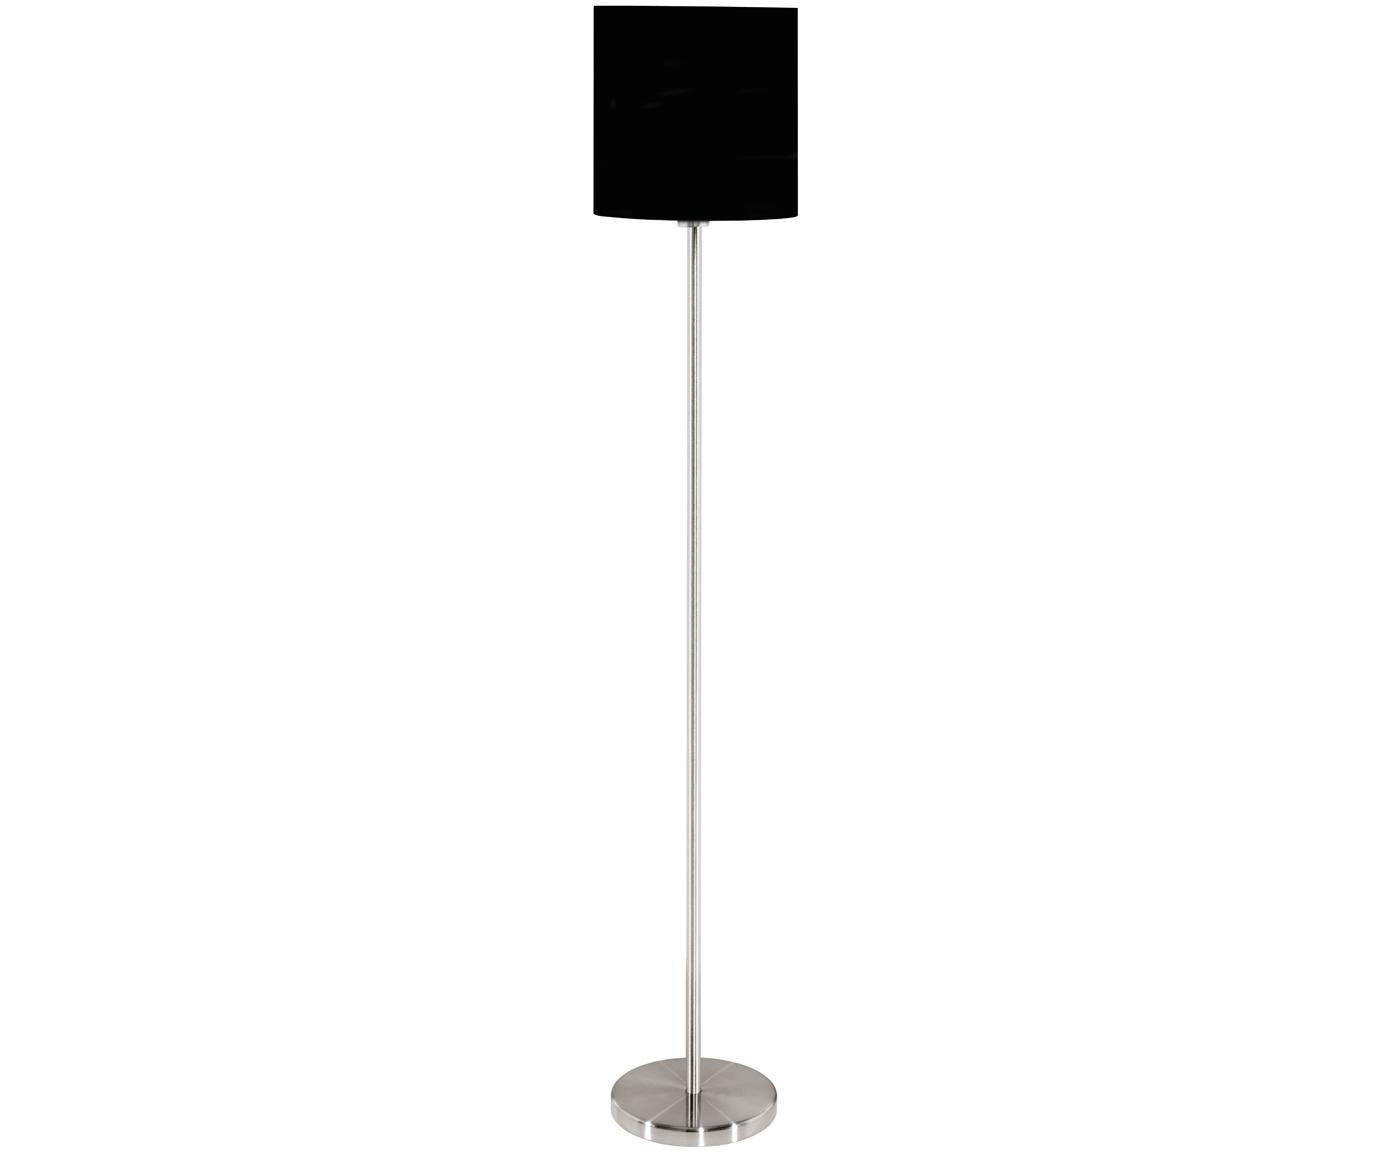 Stehlampe Harry, Lampenschirm: Textil, Lampenfuß: Metall, vernickelt, Schwarz,Silberfarben, ∅ 28 x H 158 cm